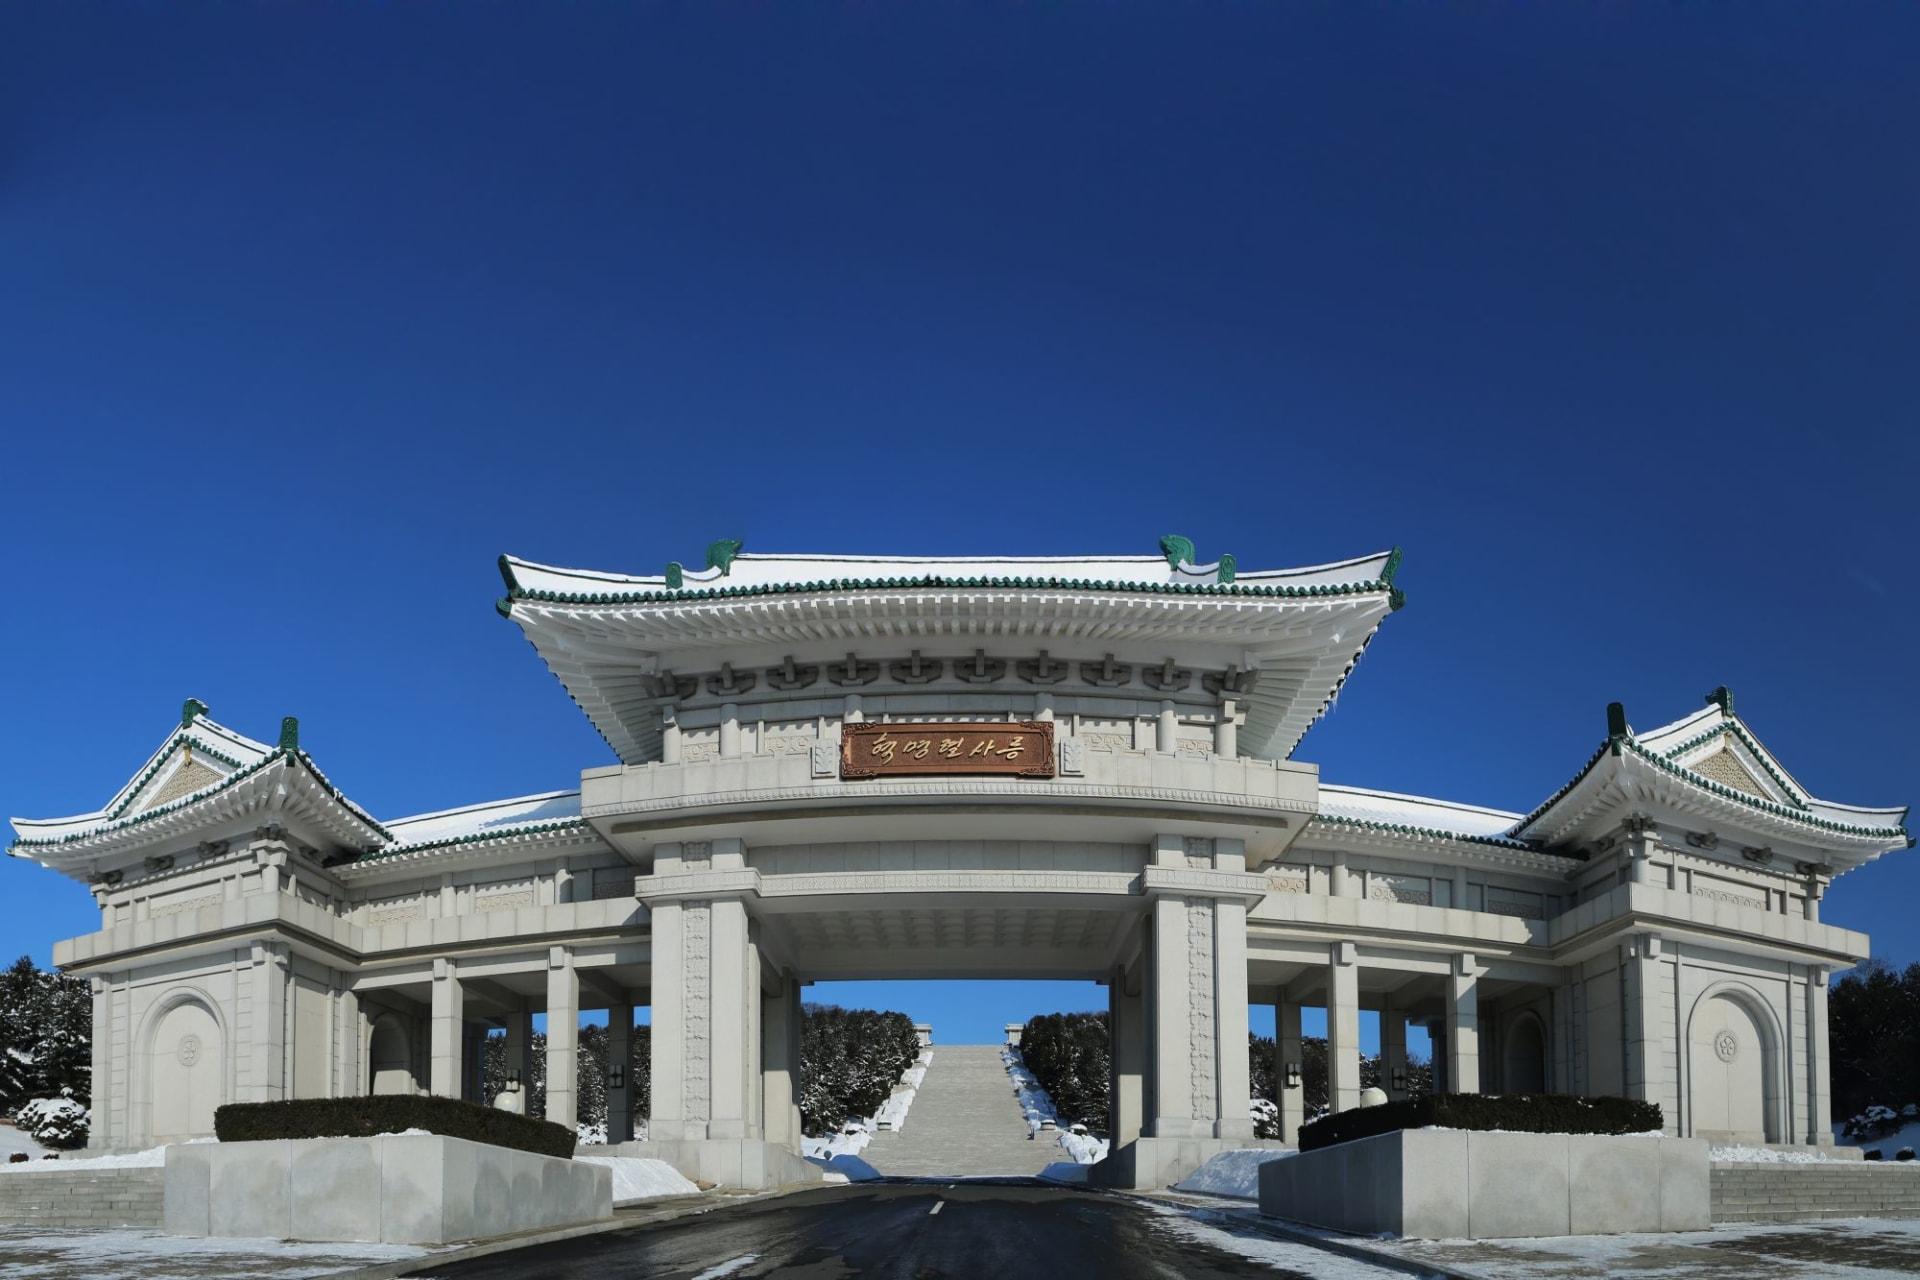 Monument in North Korea